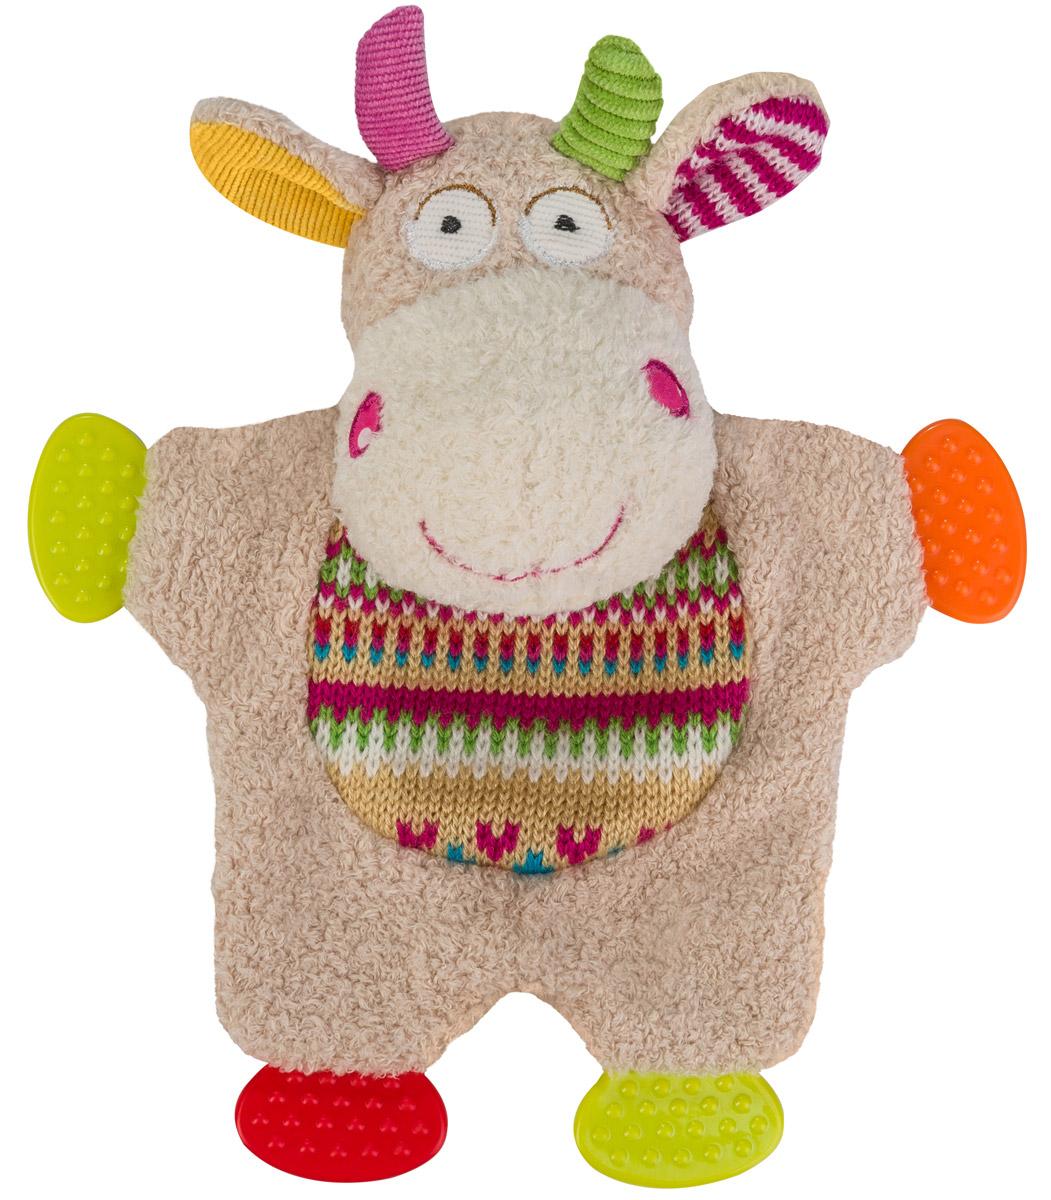 BabyOno Развивающая игрушка Забавная коровка1243Развивающая игрушка BabyOno Забавная коровка обязательно привлечет внимание вашего малыша. Игрушка выполнена из безопасных и приятных на ощупь материалов. На лапках коровы располагаются прорезыватели, которые помогут ребенку в период прорезывания первых зубов. В голове игрушке находится сфера, звенящая при тряске. Развивающая игрушка BabyOno Забавная коровка поможет развить сенсорные, речевые способности ребенка и общую координацию его движений. Товар сертифицирован.